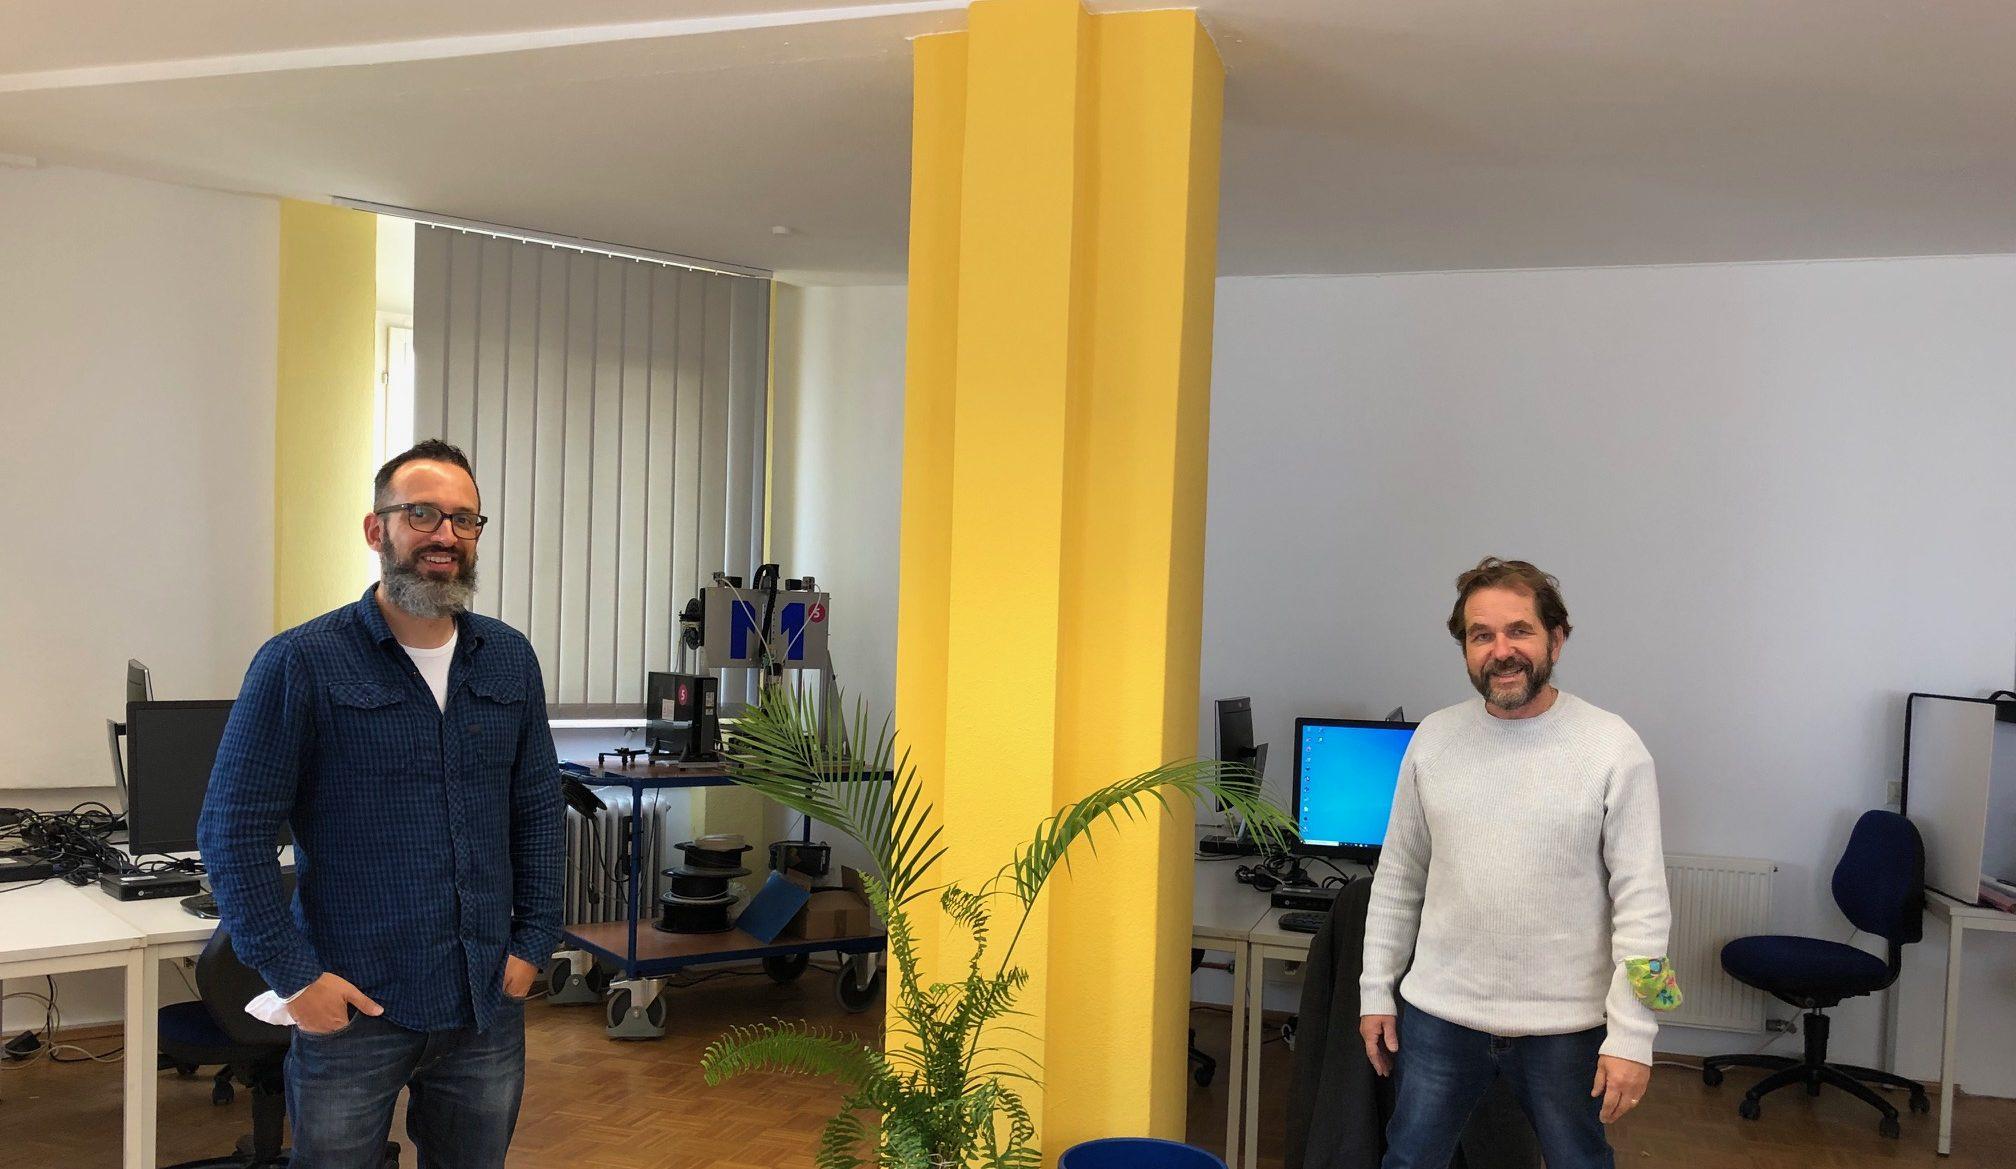 Frischer Raum – frischer Kurs: Online-Handel in Tübingen